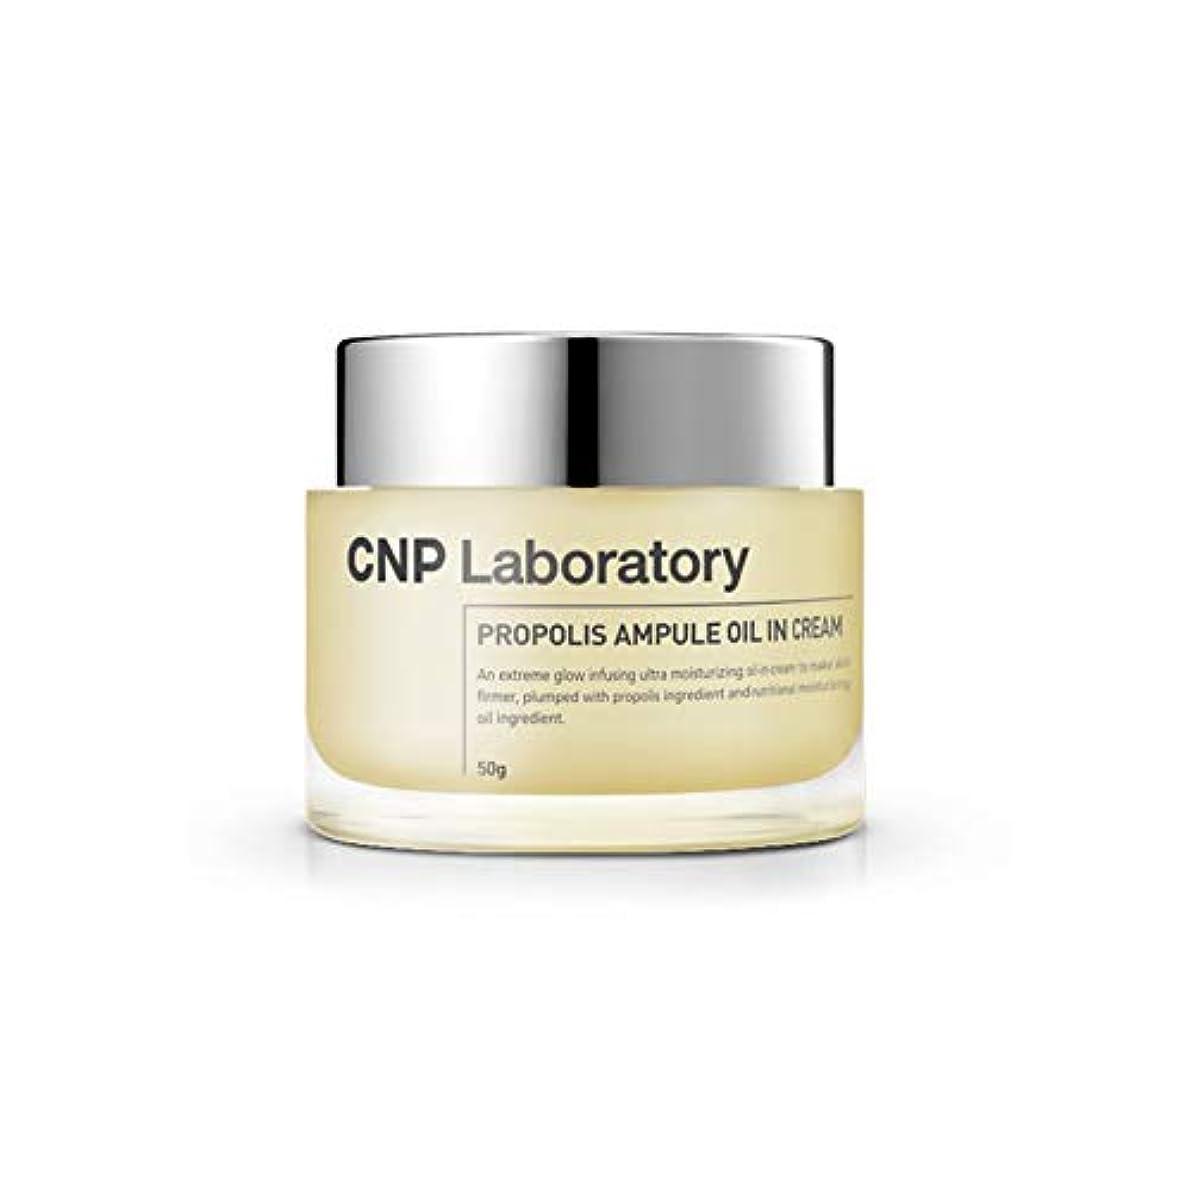 ファランクス空白セイはさておき[CNP Laboratory] CNP チャ&パク プロポリスアンプルオイルインクリーム 50g [海外直送品][並行輸入品]